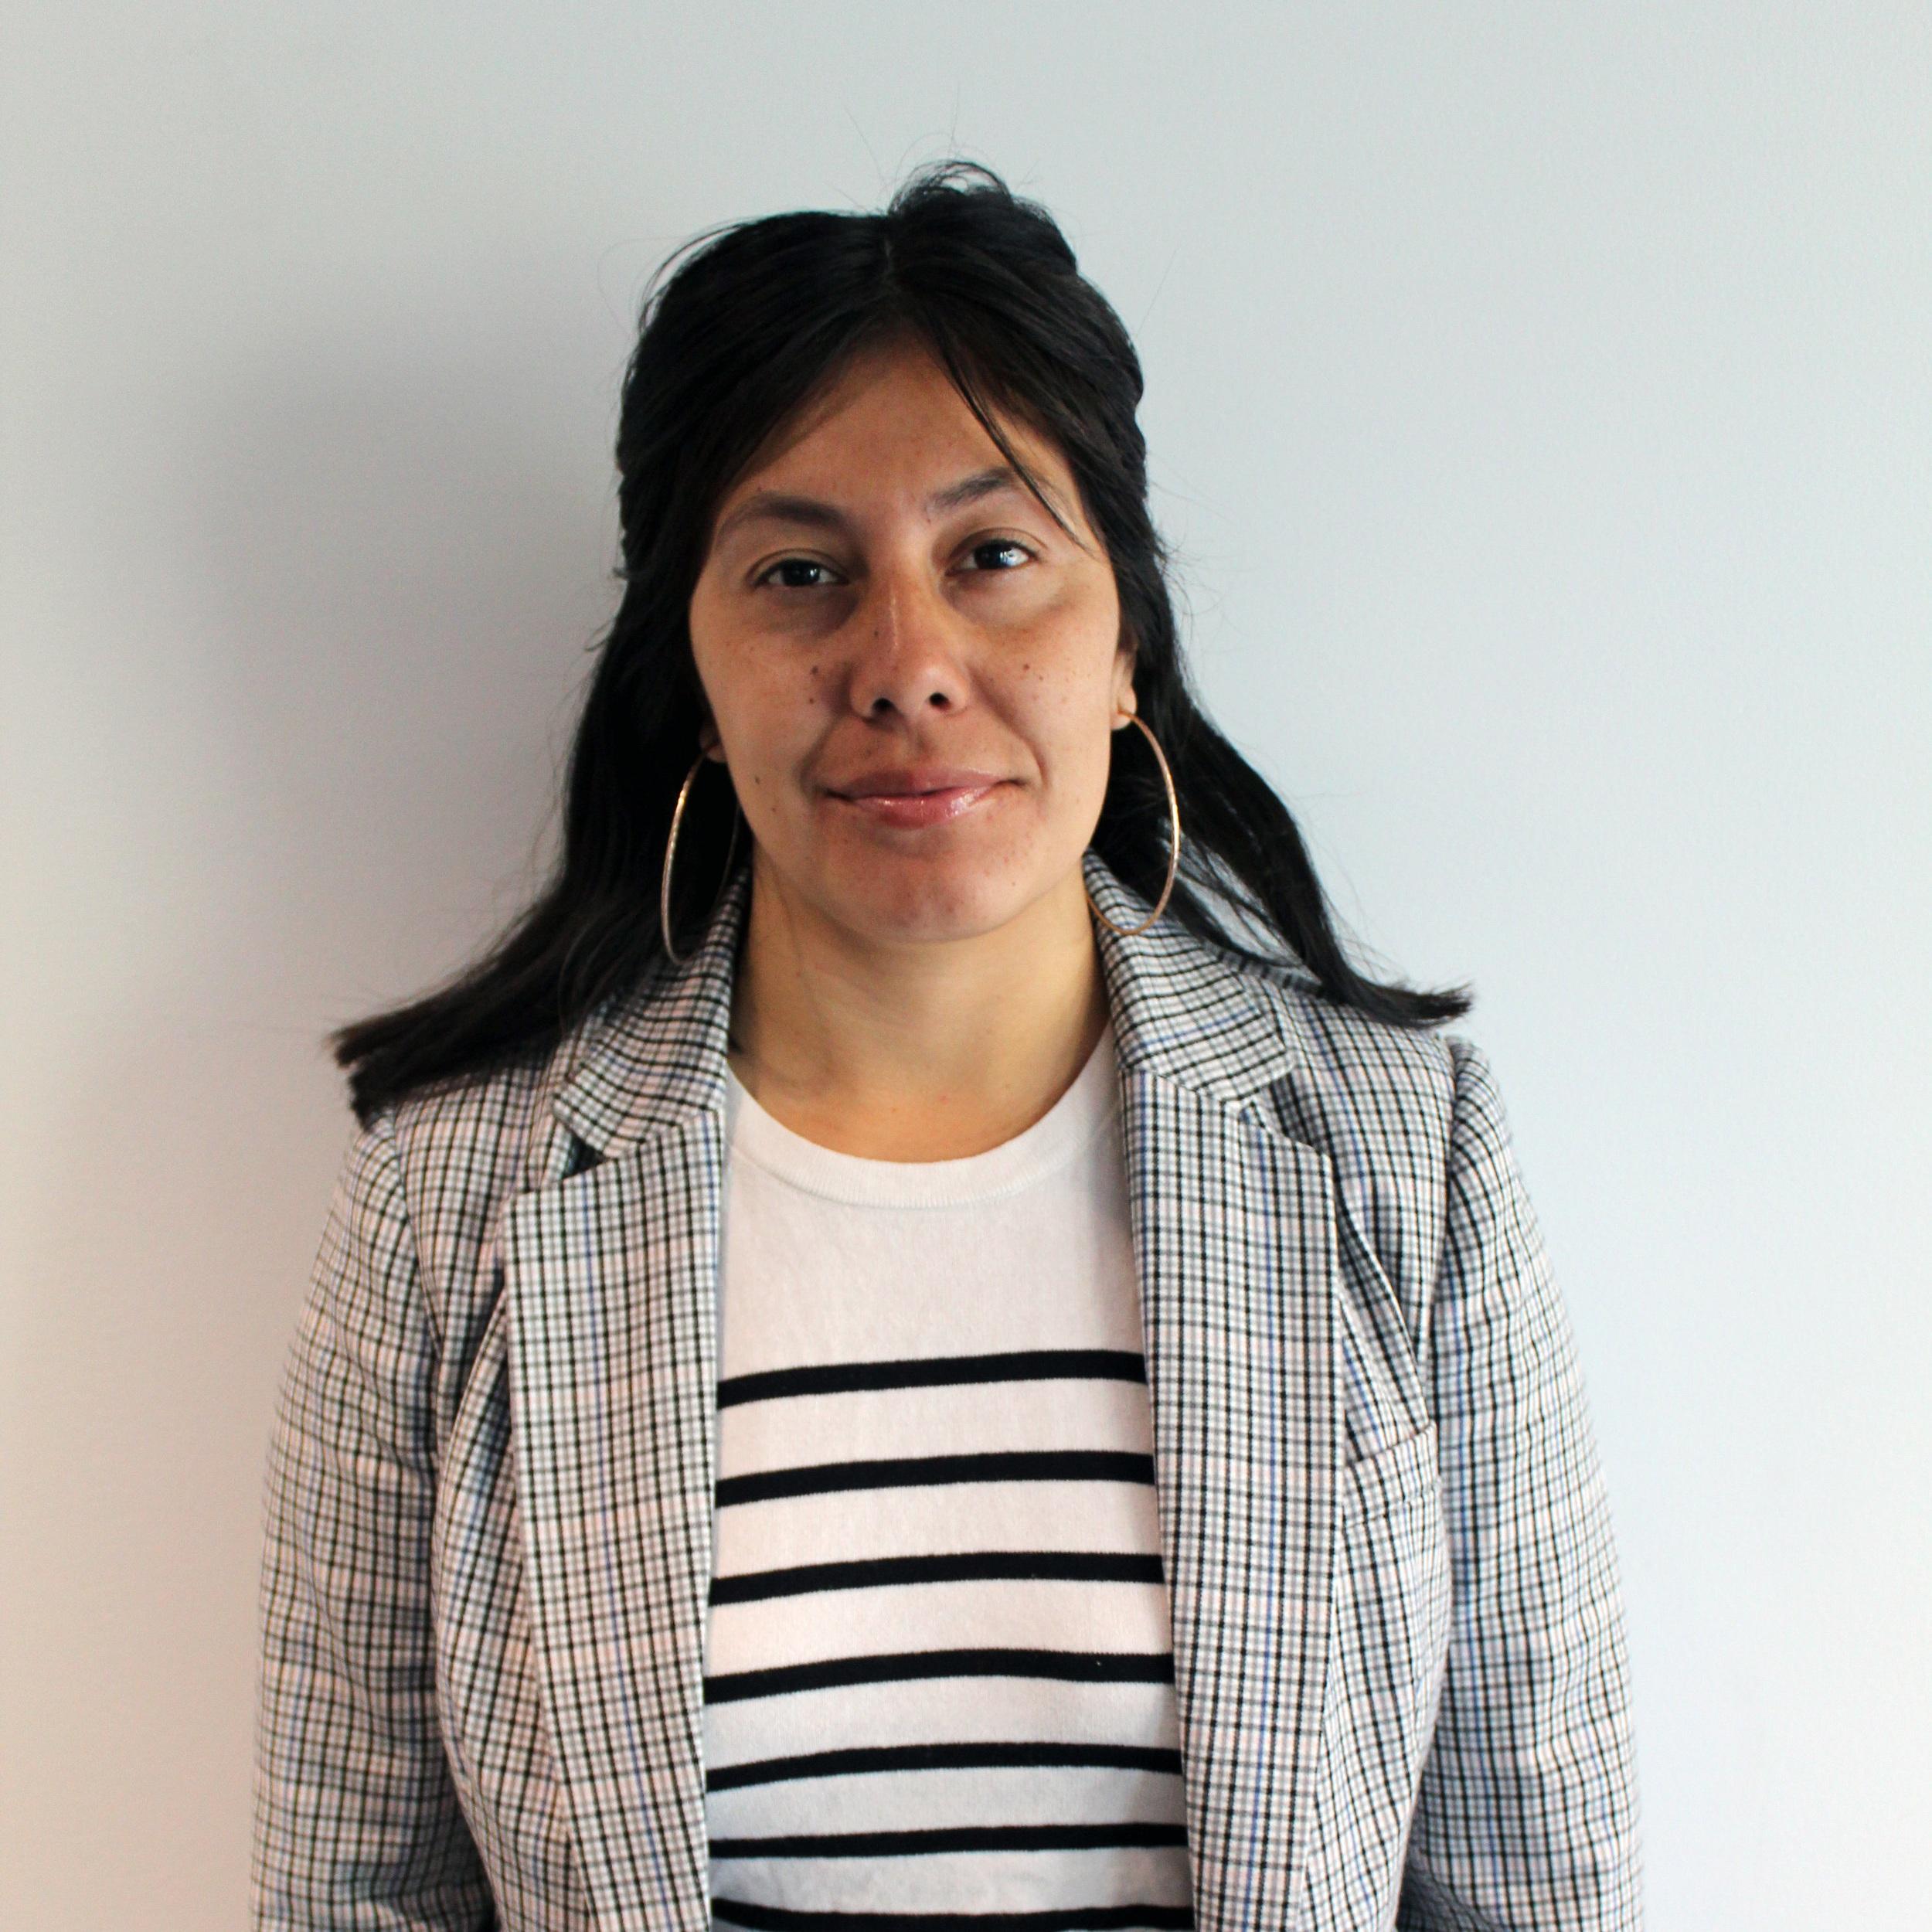 Diana Gonzalez-Soto